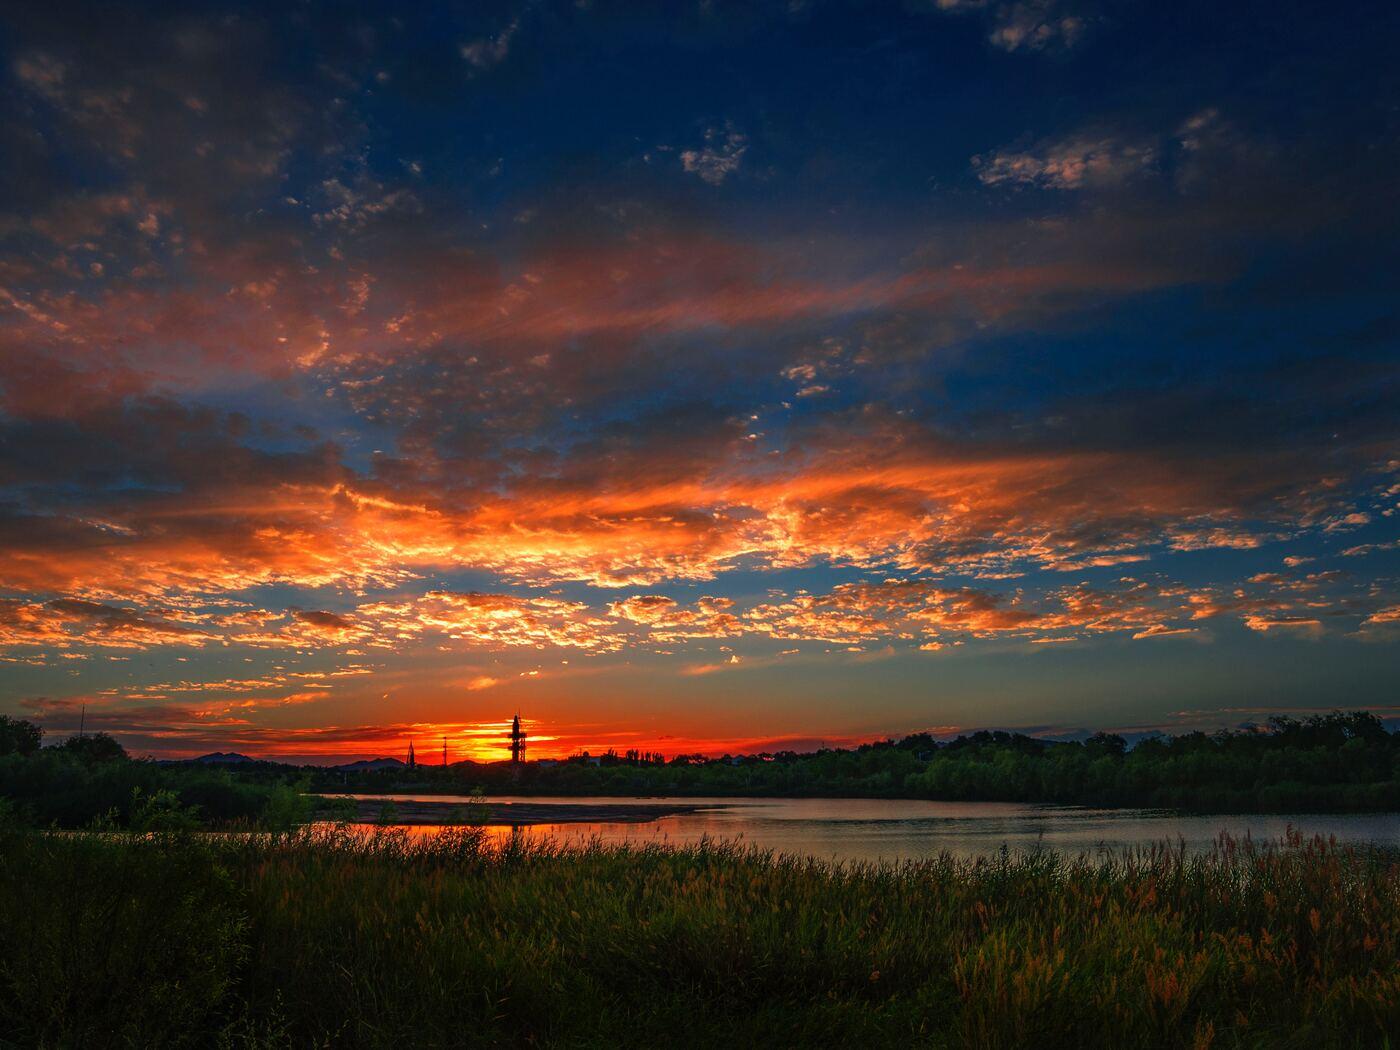 sunset-river-landscape-5k-ra.jpg